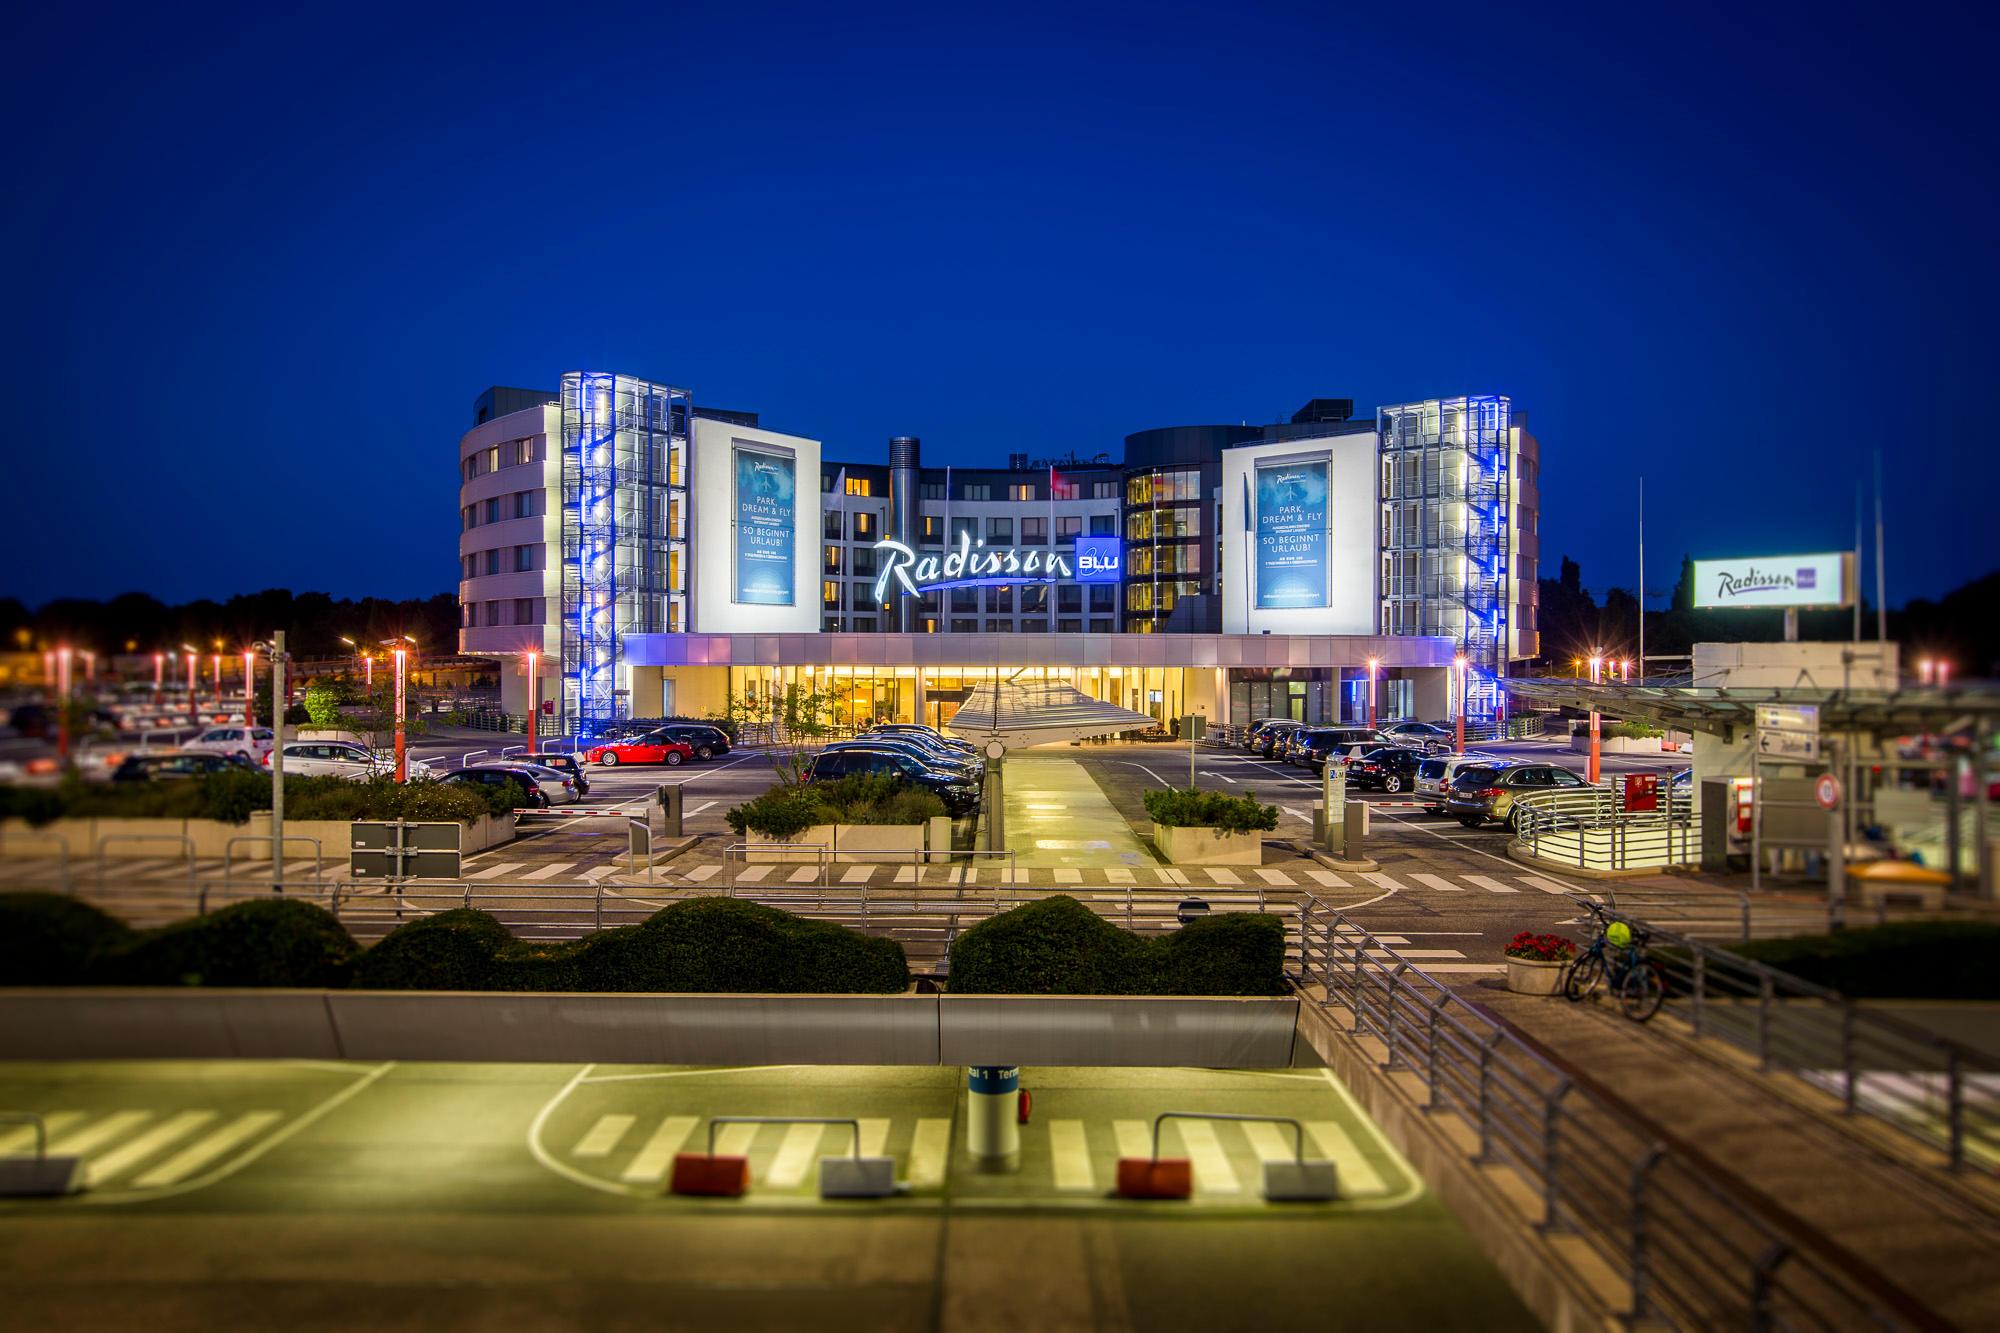 Hamburg Airport Hotels - Hotels Near Hamburg Airport HAM